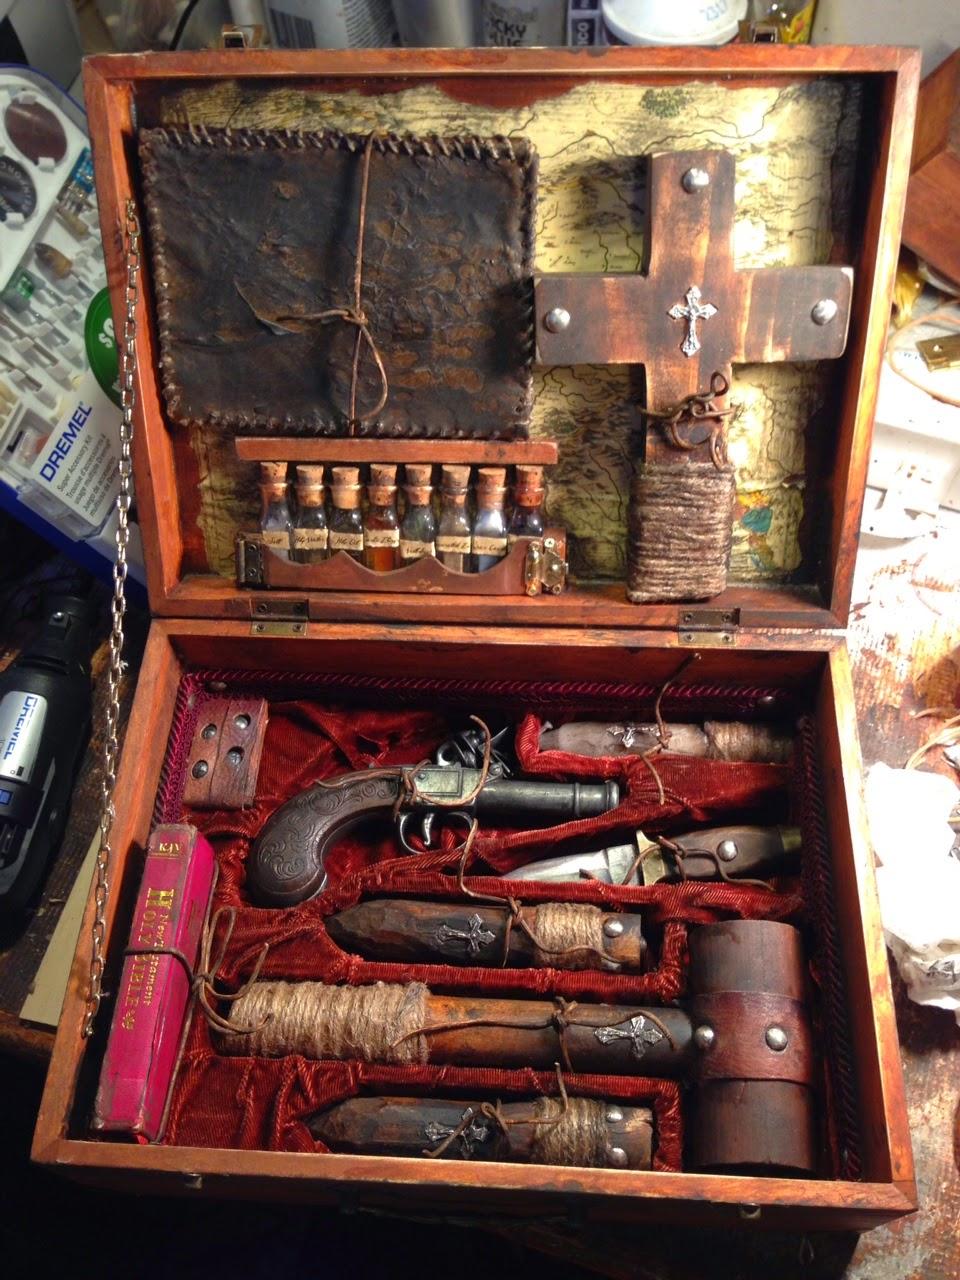 Tincanbandits Gunsmithing Monster Hunting Kits